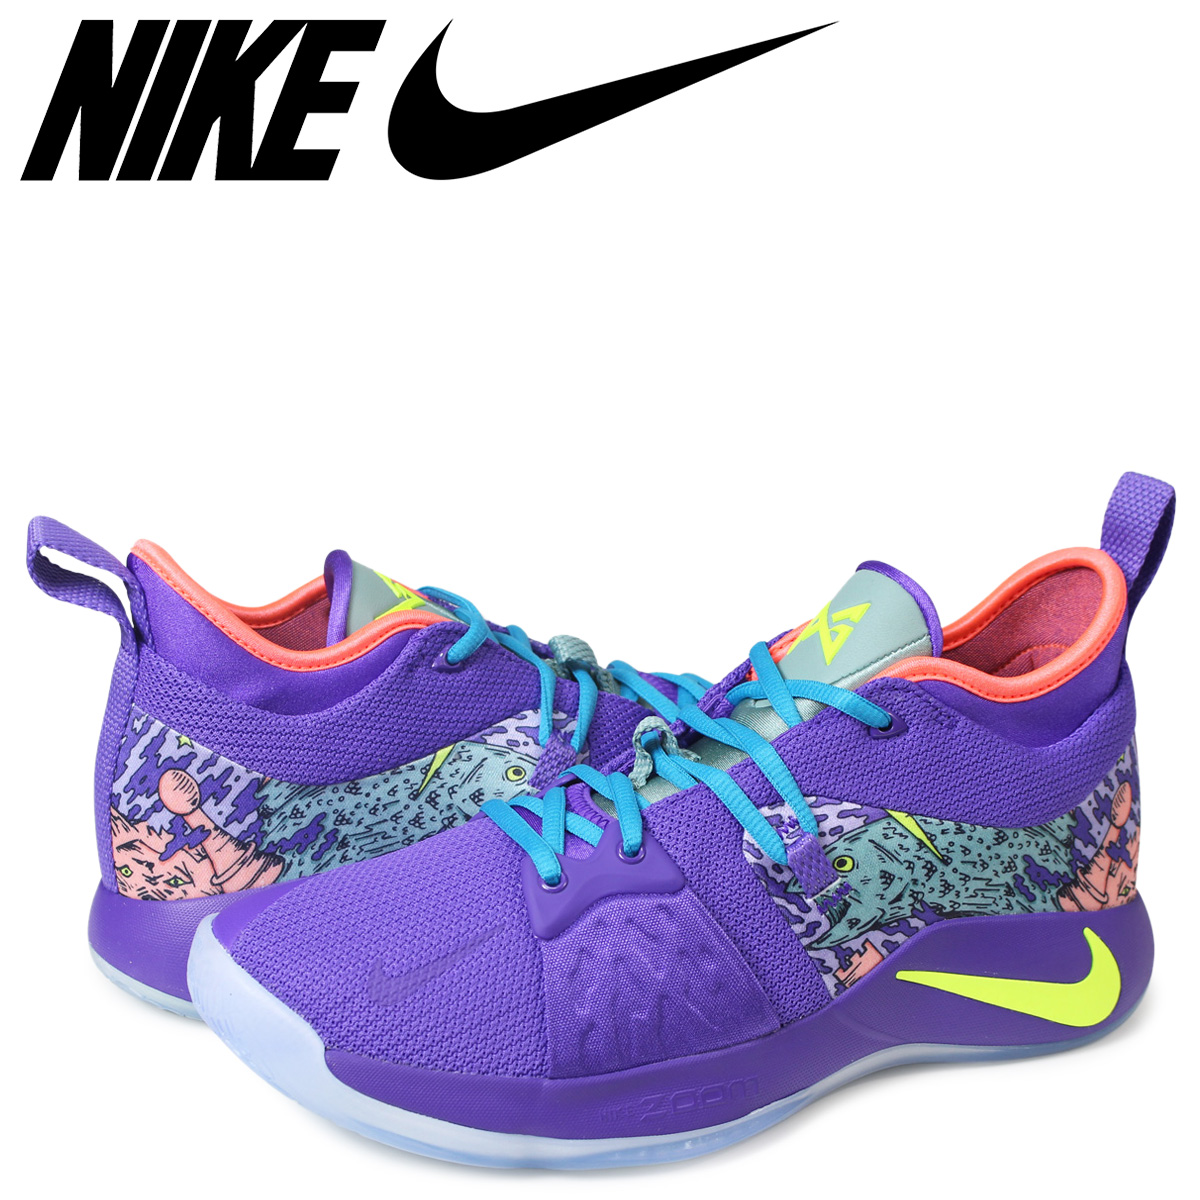 9b6e1b1d3173 ALLSPORTS  NIKE PG 2 MM EP Nike PG2 sneakers men AO2985-001 purple ...